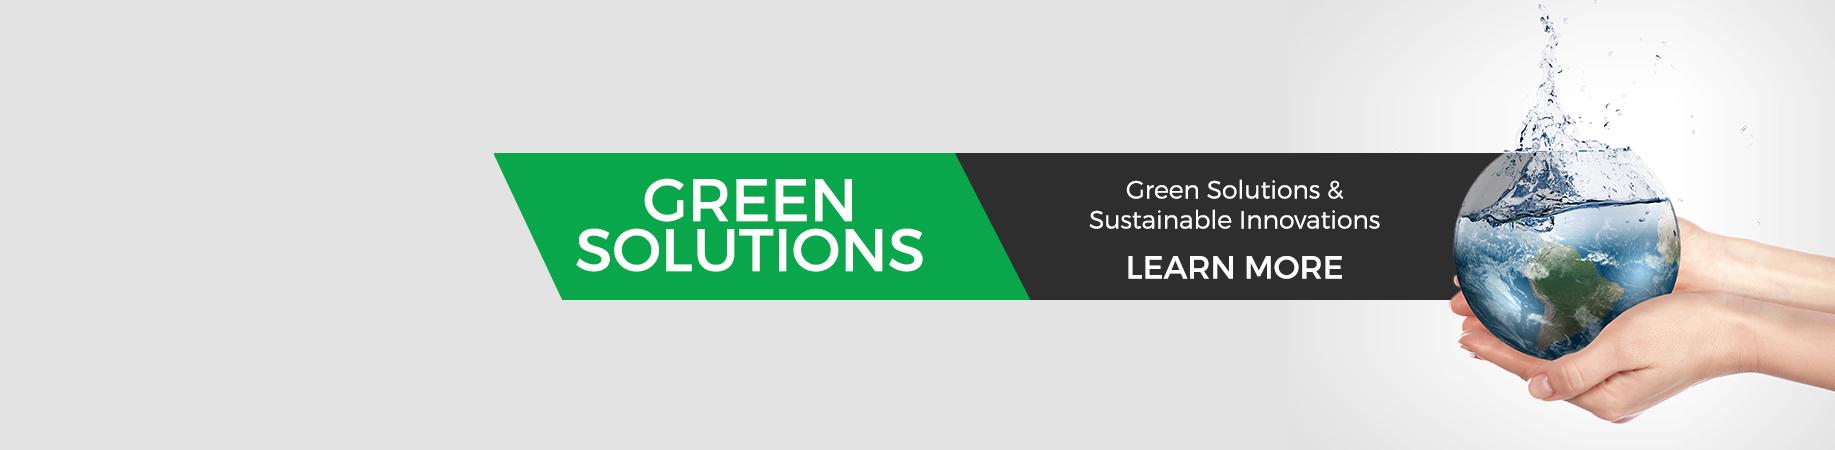 Mantech Green Solutions